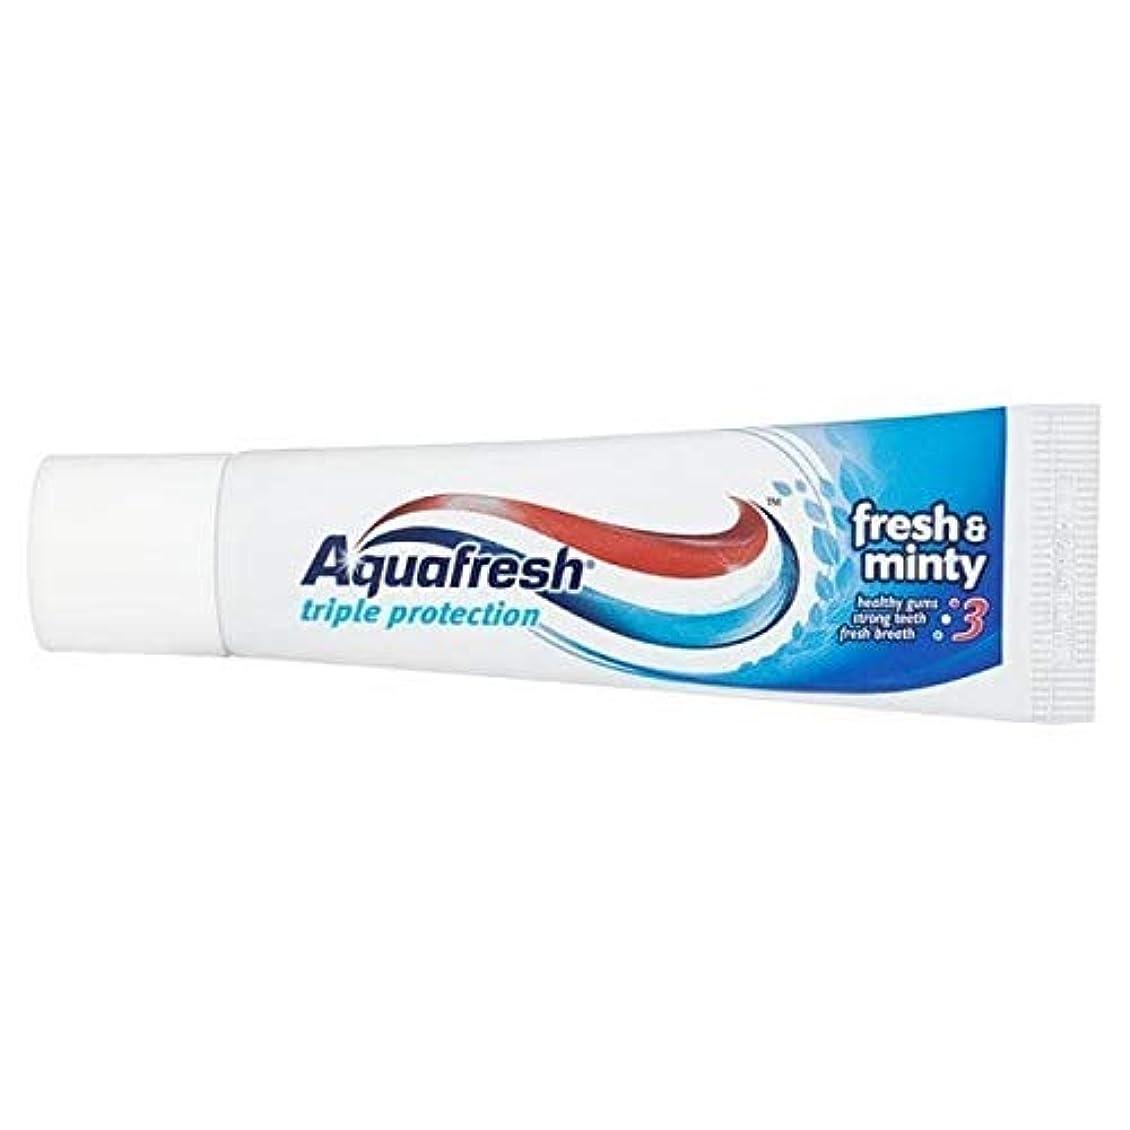 肌必要としている間違えた[Aquafresh ] アクアフレッシュフレッシュ&ミントフッ化物歯磨き粉20ミリリットル - Aquafresh Fresh & Minty Fluoride Toothpaste 20ml [並行輸入品]